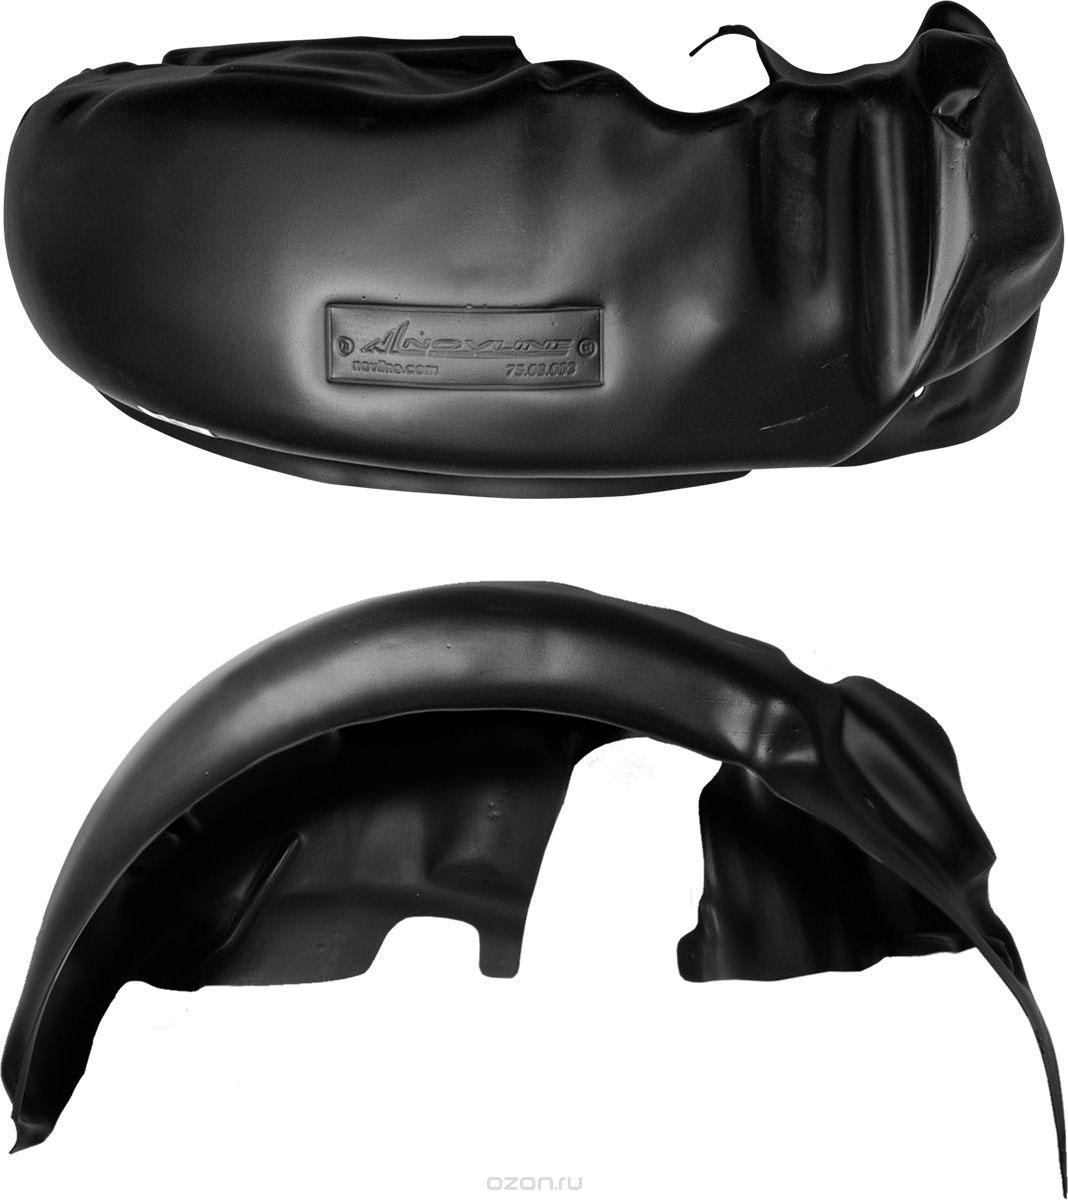 Подкрылок Novline-Autofamily, для HAVAL H9, 05/2015->, Внедорожник, задний левыйNLL.99.03.003Идеальная защита колесной ниши. Локеры разработаны с применением цифровых технологий, гарантируют максимальную повторяемость поверхности арки. Изделия устанавливаются без нарушения лакокрасочного покрытия автомобиля, каждый подкрылок комплектуется крепежом. Уважаемые клиенты, обращаем ваше внимание, что фотографии на подкрылки универсальные и не отражают реальную форму изделия. При этом само изделие идет точно под размер указанного автомобиля.